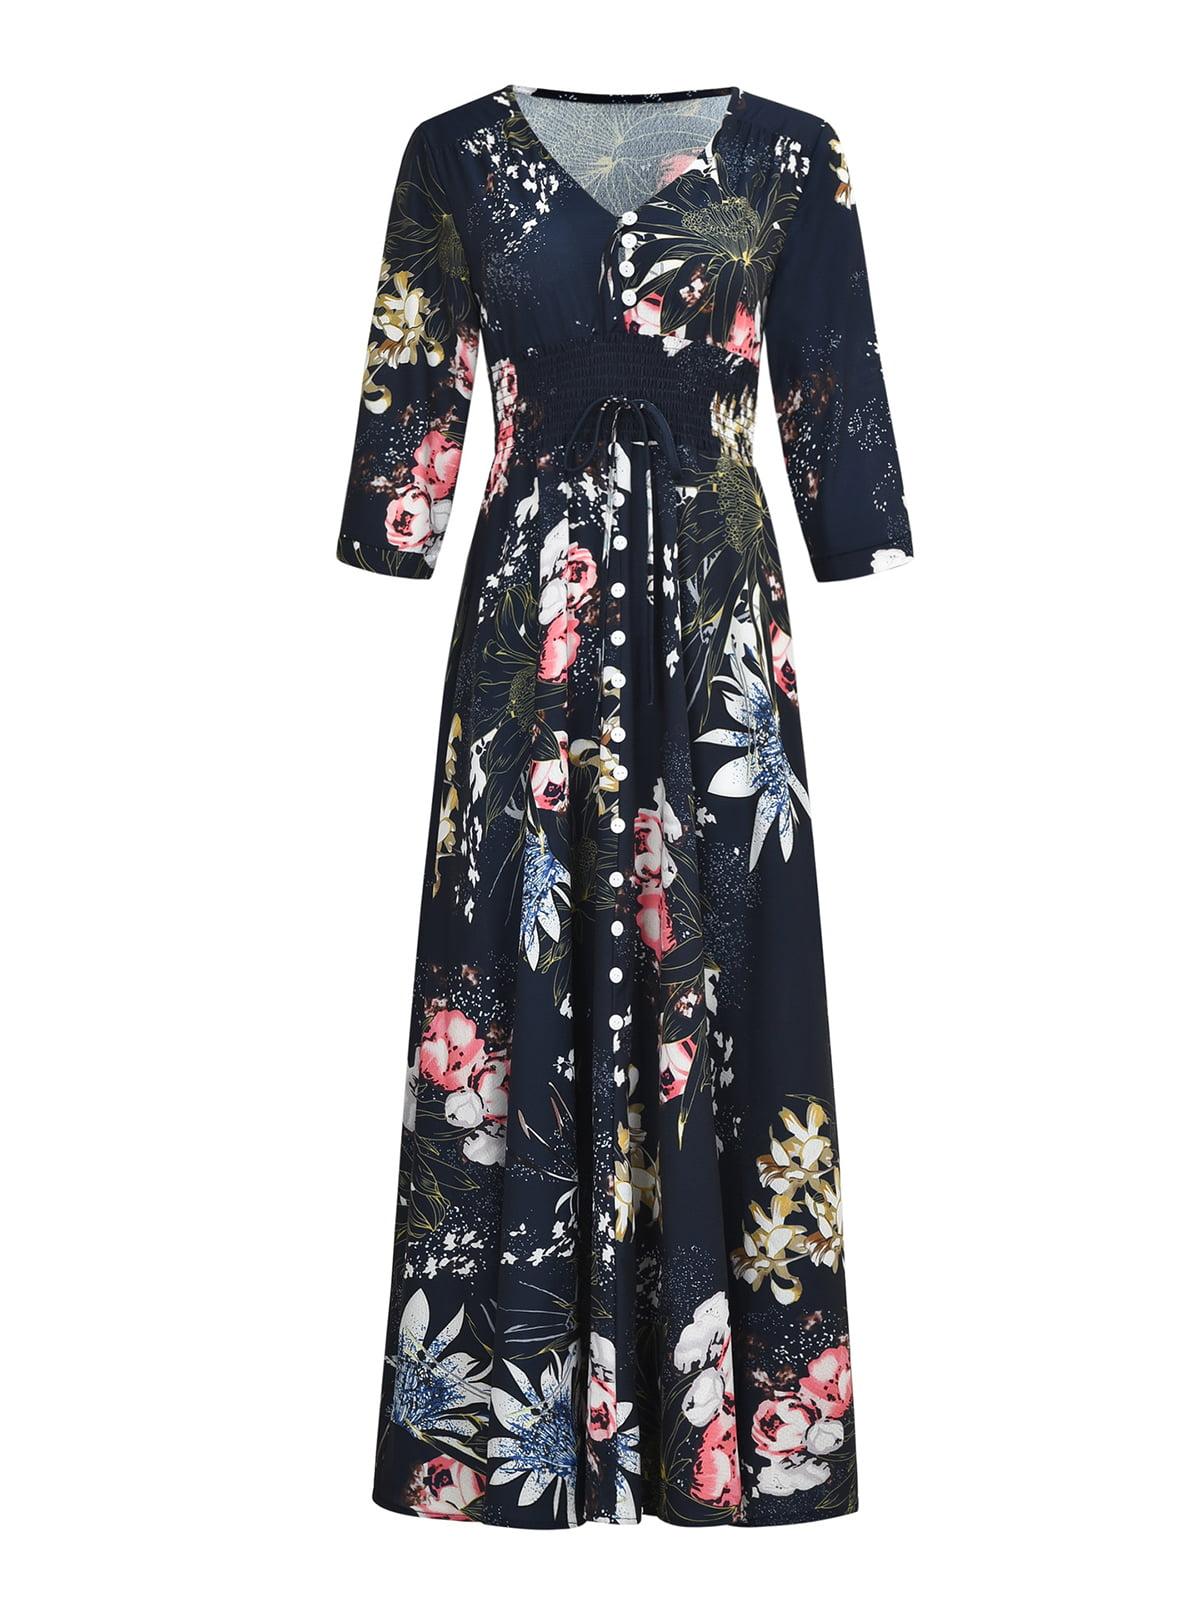 Платье темно-синее в цветы | 5261455